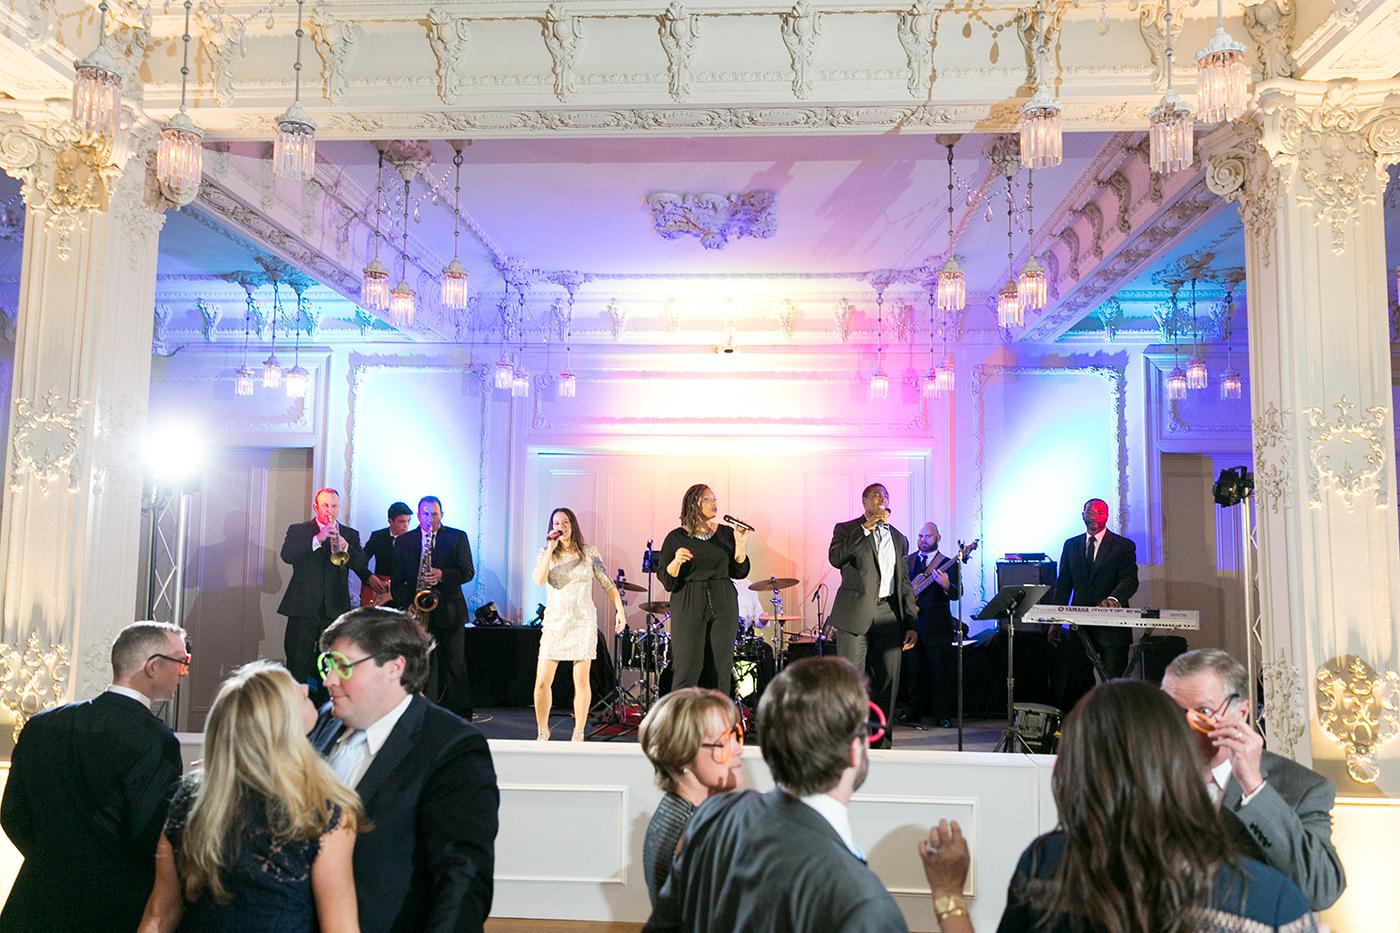 Dallas Wedding Planner - Allday Events - Classic Wedding at Dallas Scottish Rite - 180.jpg